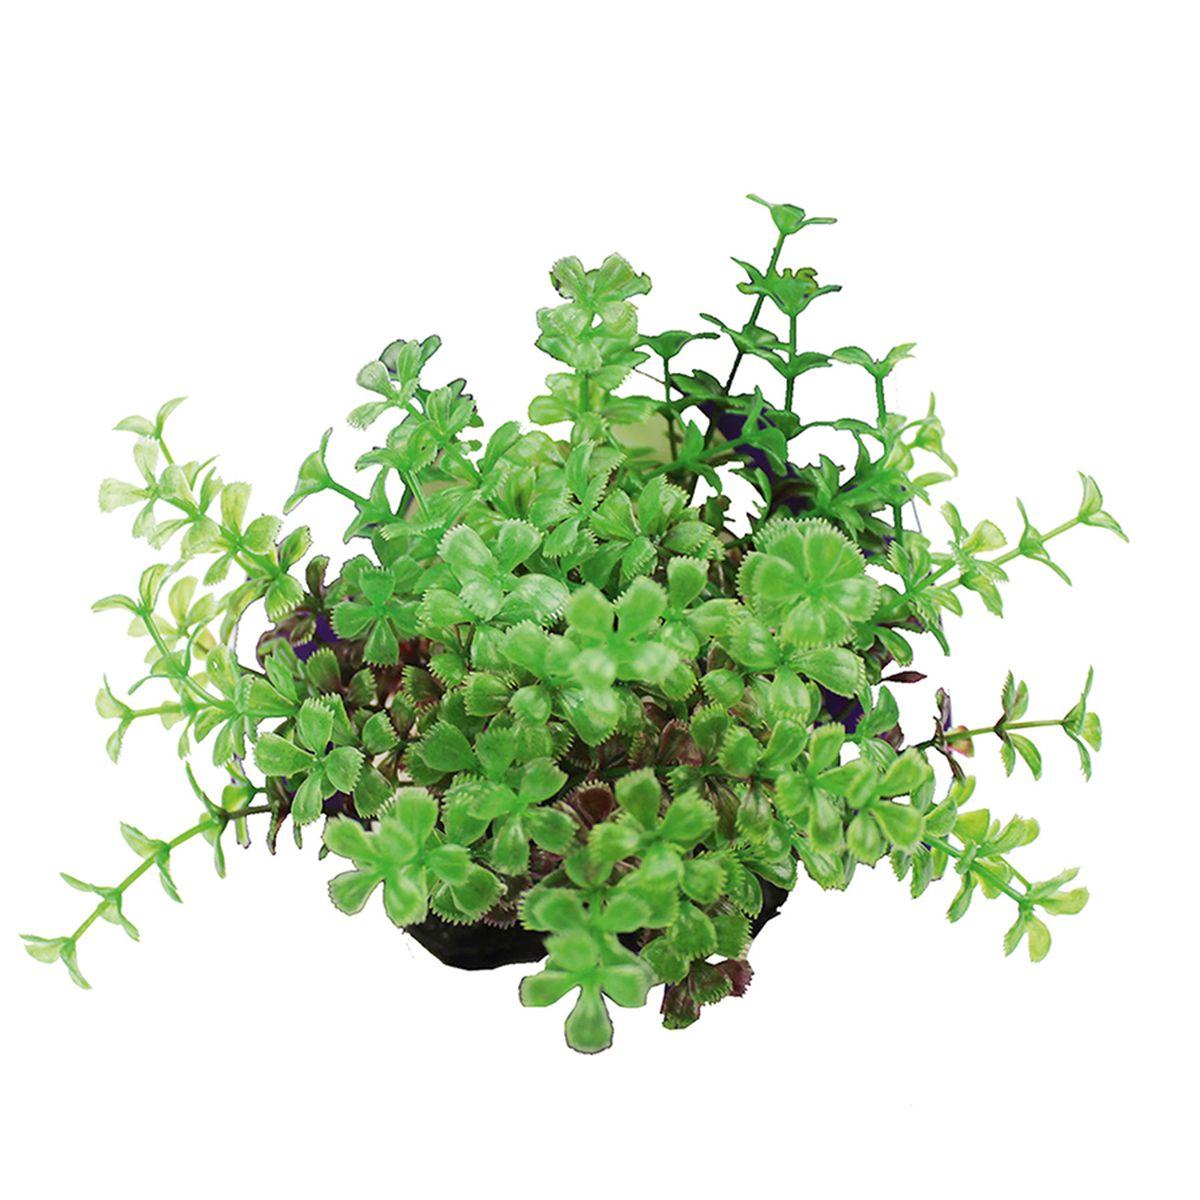 Растение для аквариума ArtUniq Прозерпинака красно-зеленая, высота 10-12 смART-1192111Композиция из искусственных растений ArtUniq превосходно украсит и оживит аквариум.Растения - это важная часть любой композиции, они помогут вдохнуть жизнь в ландшафт любого аквариума или террариума. А их сходствос природными порадует даже самых взыскательных ценителей.